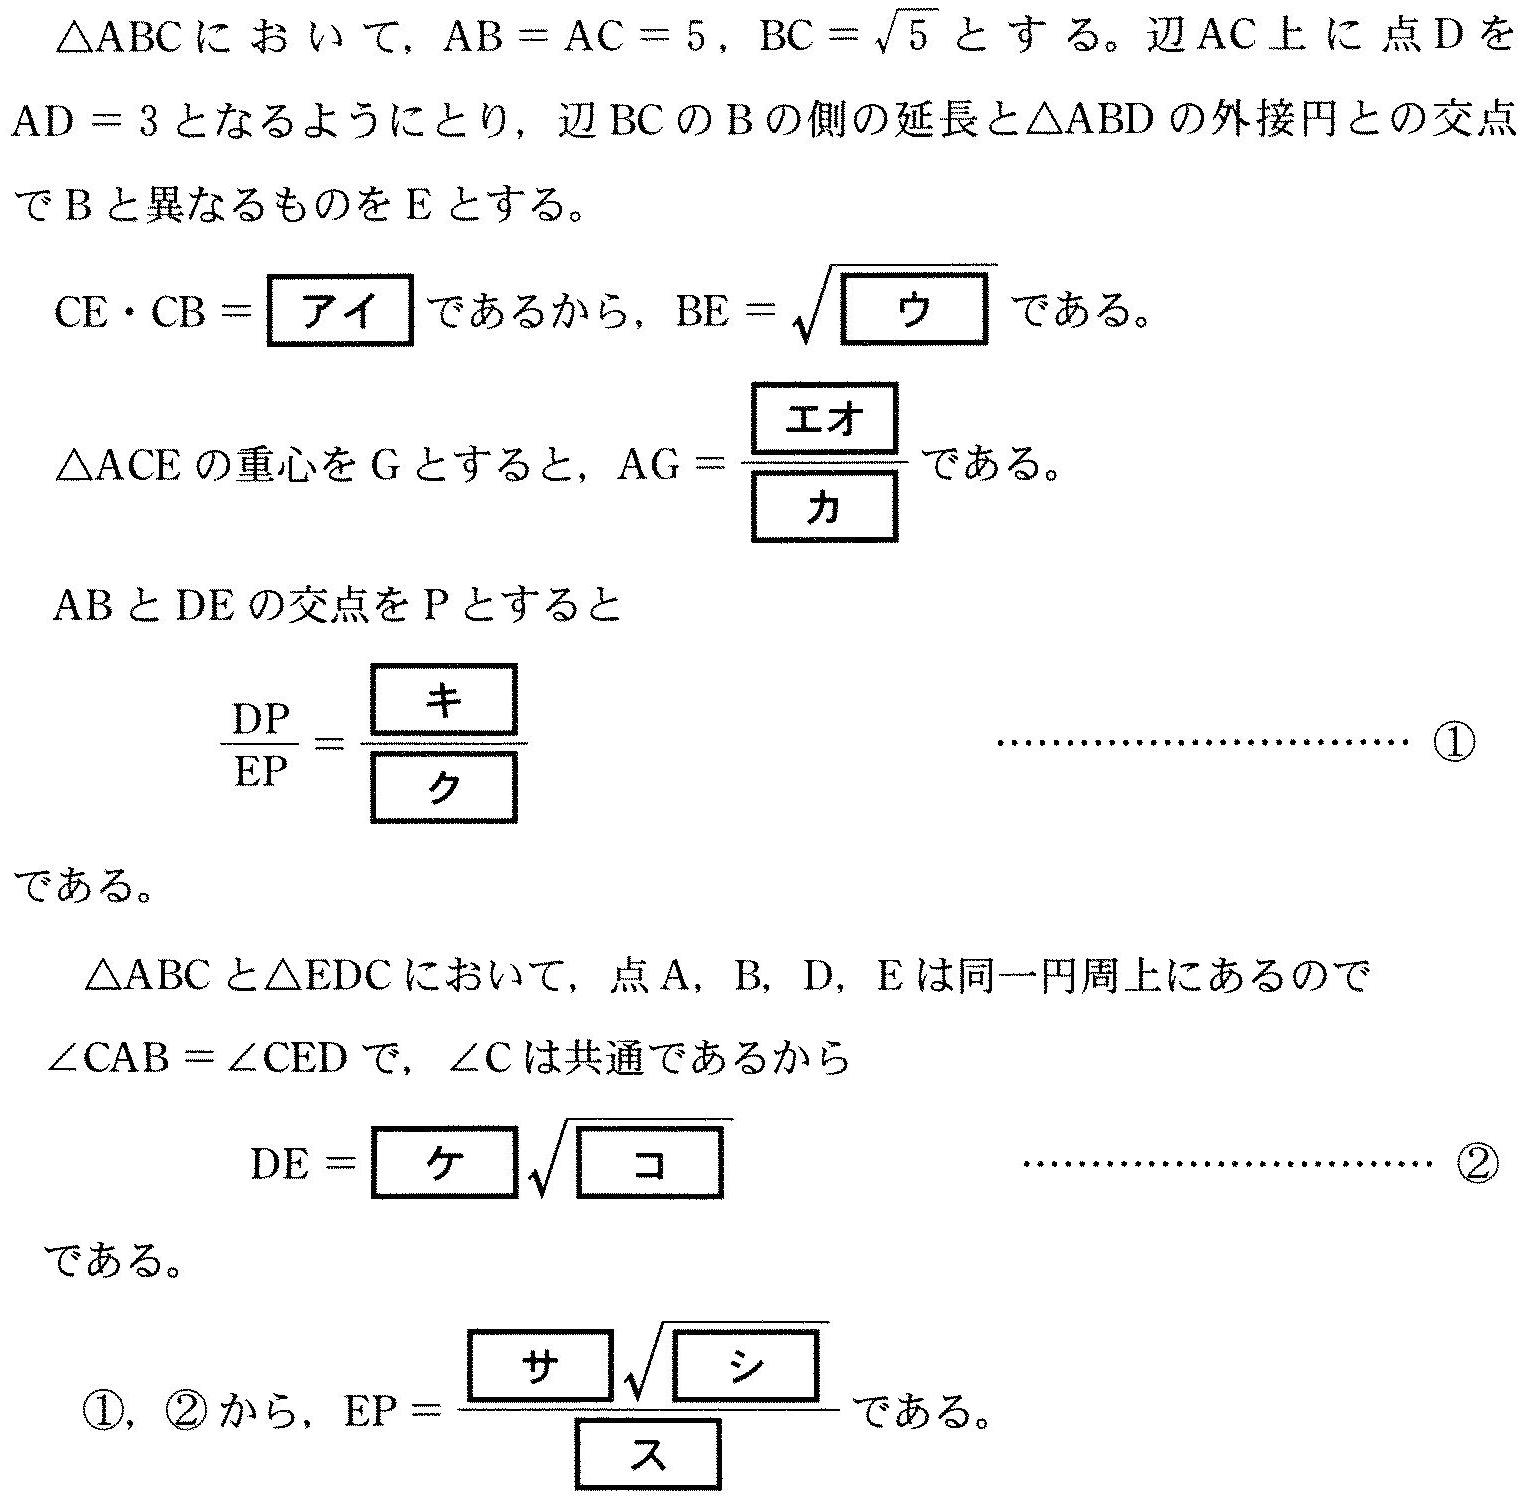 問題1A6